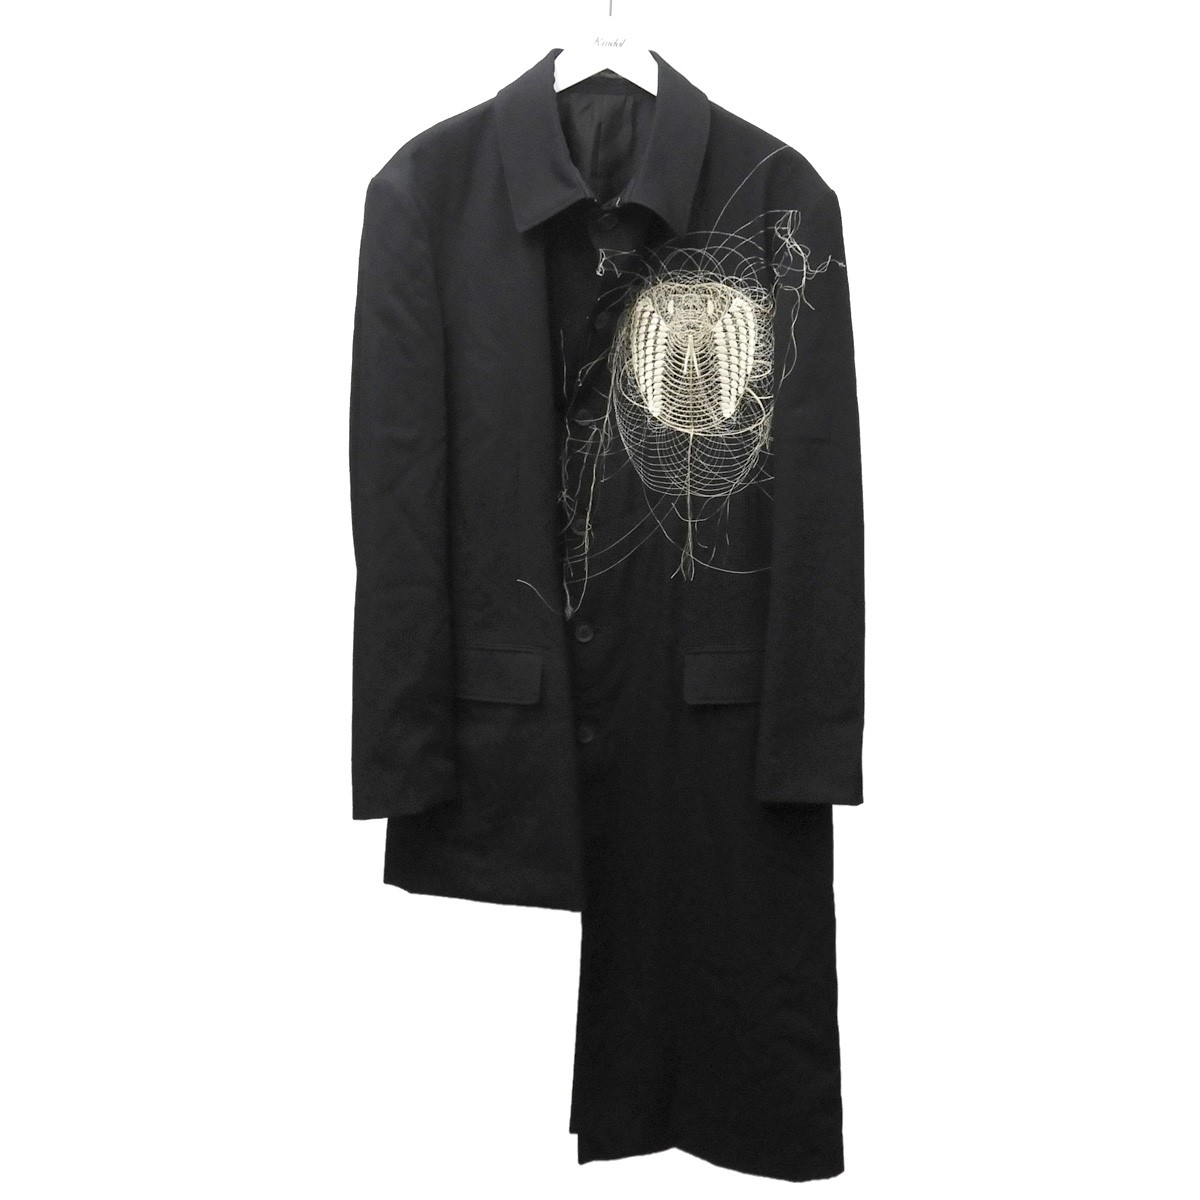 【中古】YOHJI YAMAMOTO pour homme 2019AW コブラ刺繍チャイナジャケット ブラック サイズ:3 【310820】(ヨウジヤマモトプールオム)